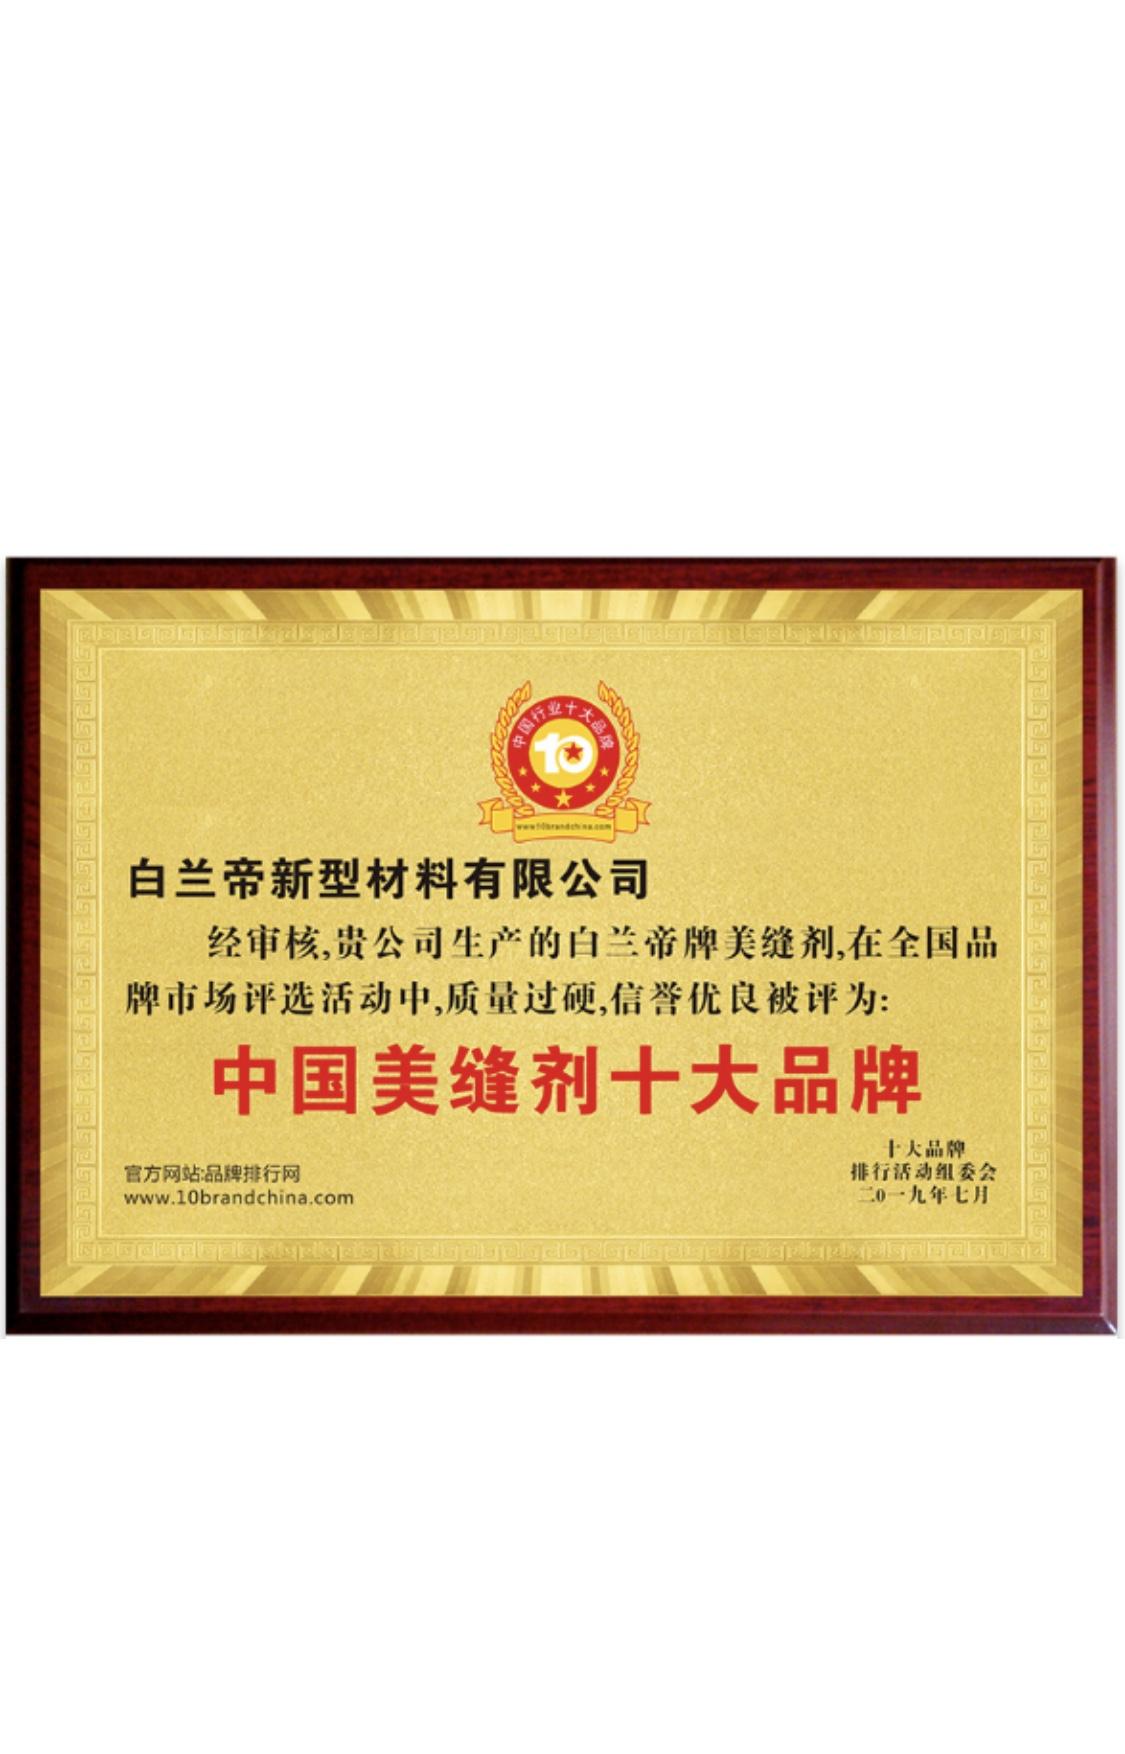 眉山白兰帝美缝荣获:中国美缝剂十大品牌